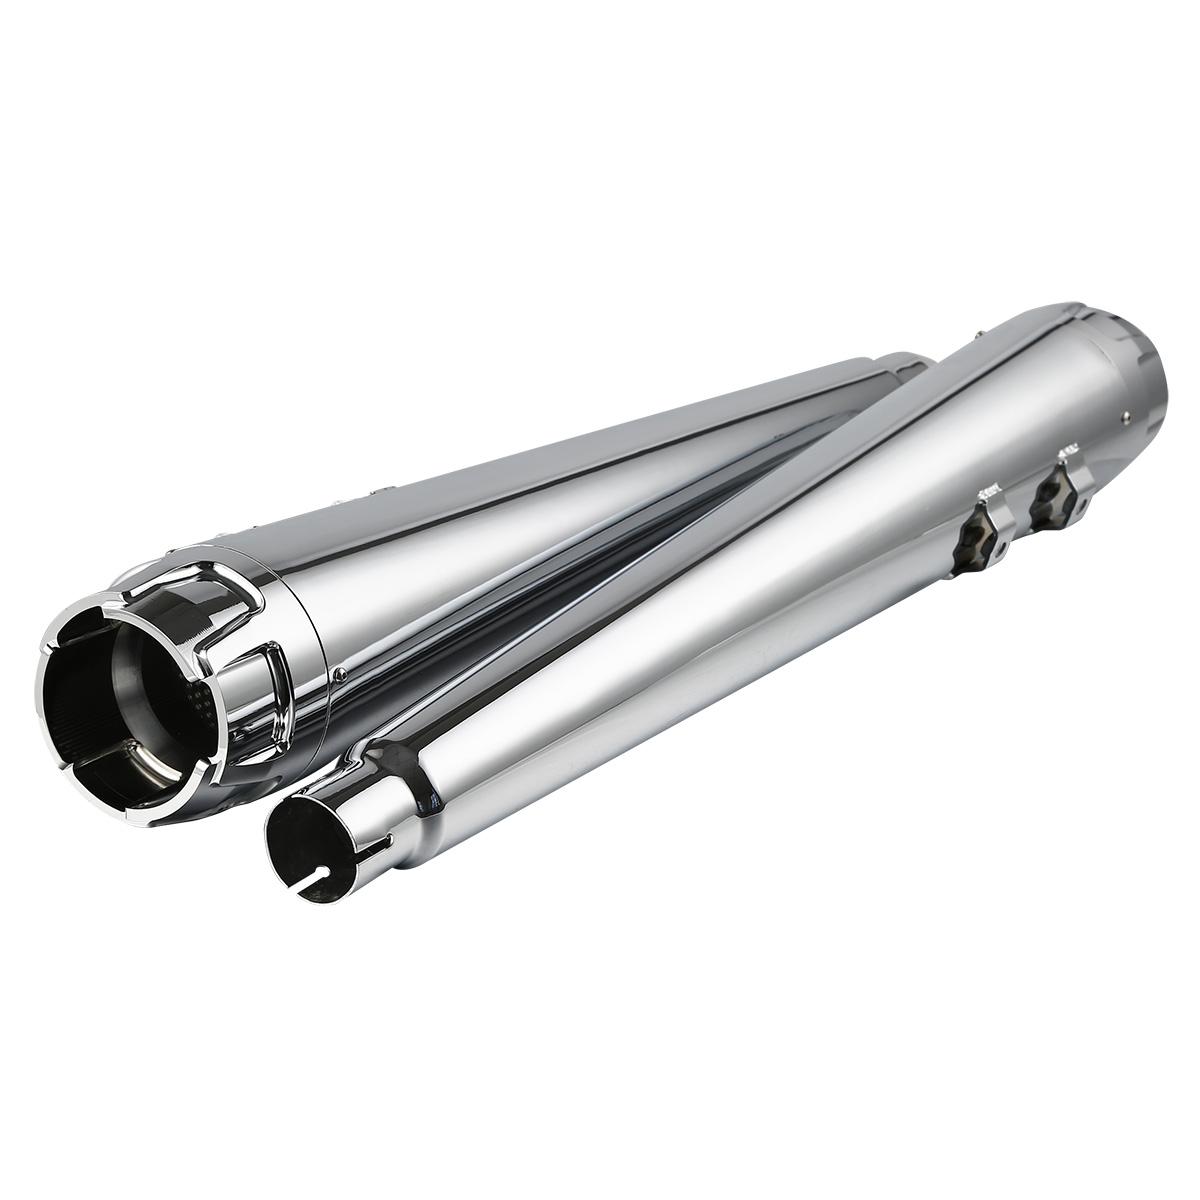 """Chrome 4/"""" Slip-on Exhaust Muffler Pipe Silencer For Harley Street Glide 1995-16"""